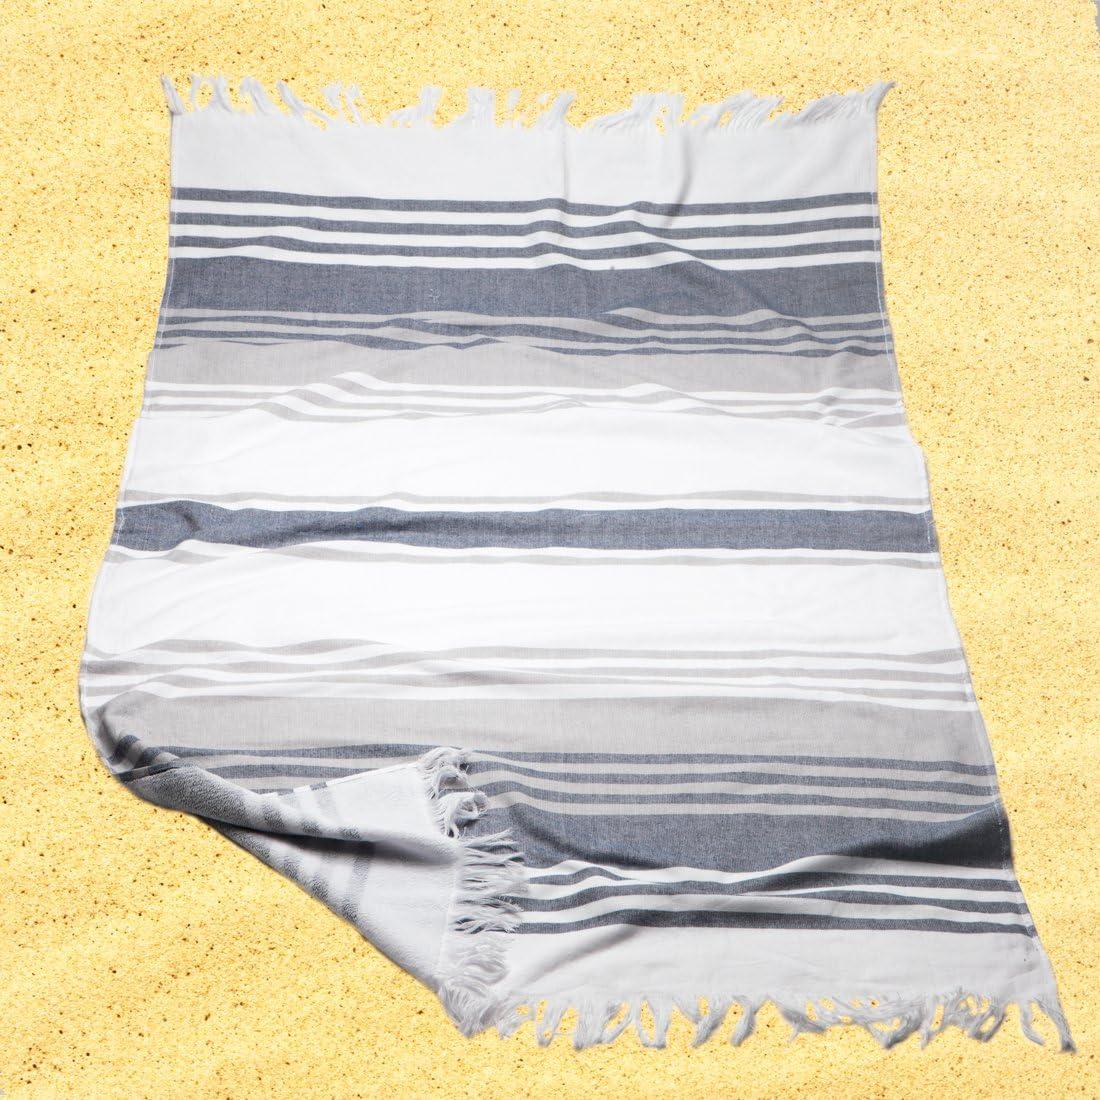 Burrito Blanco Pareo Per Spiaggia//Asciugamano Pareo 181 Cotone 90/% Poliestere 10/% con Dorso Di Arricciatura 90x165 cm con Strisce a Motivo Sfrangiato Bianco e Grigio